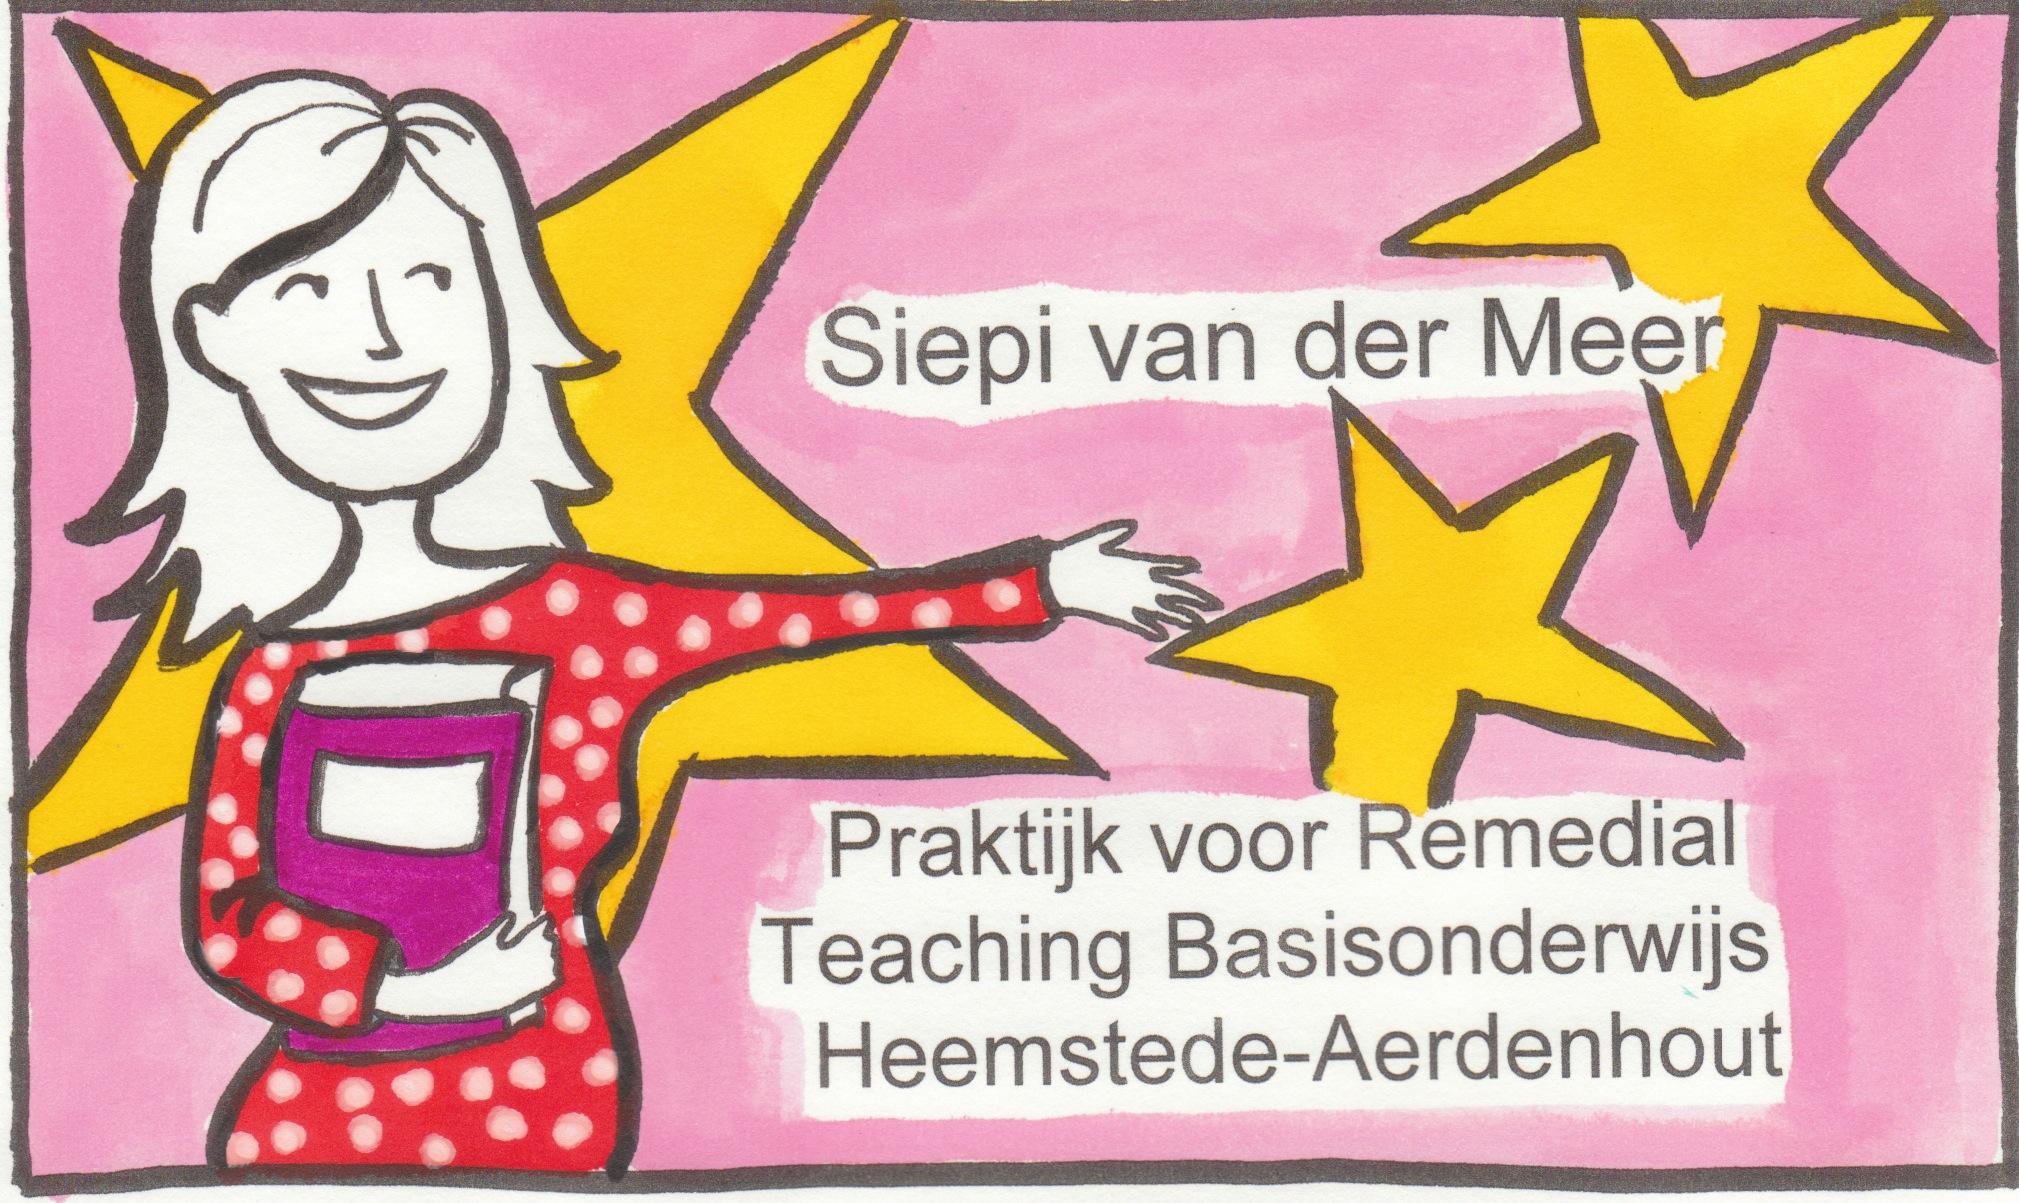 Visitekaartje Praktijk voor Remedial Teaching Basisonderwijs Heemstede-Aerdenhout